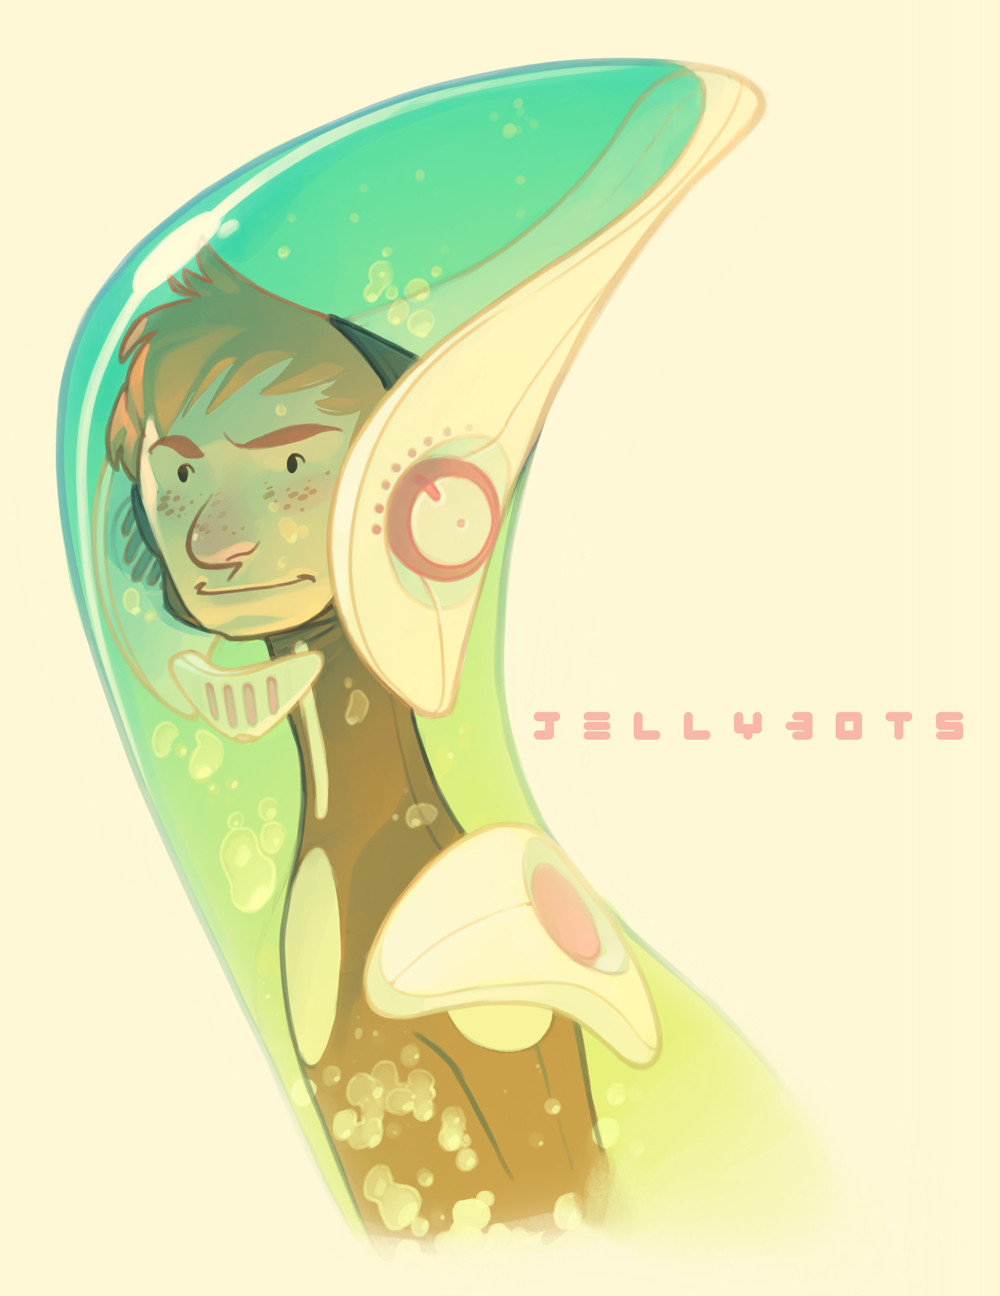 Nicholas kole jellybots2